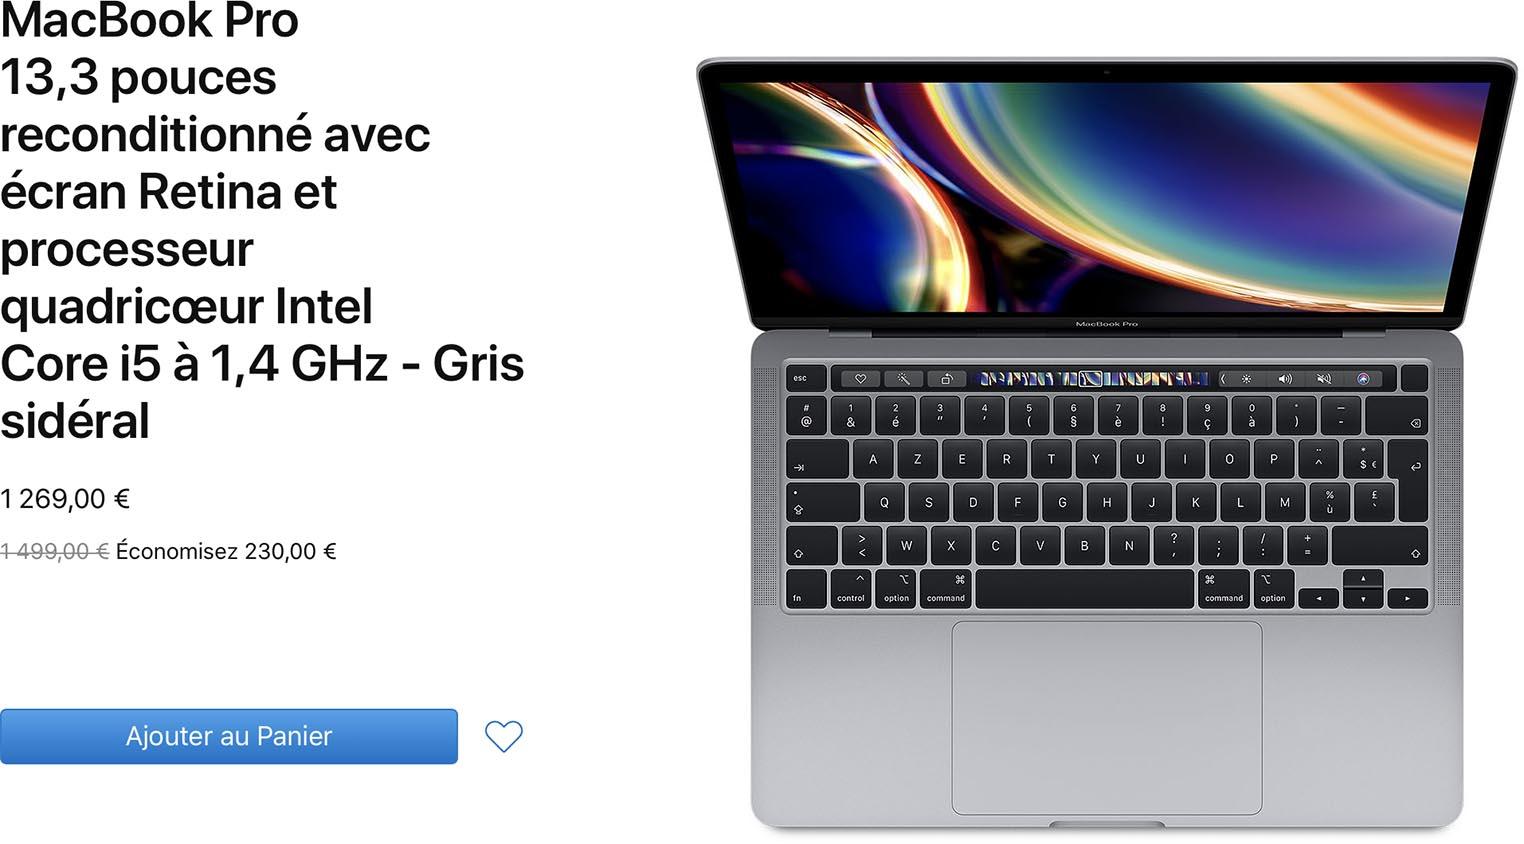 MacBook Pro 13 pouces 2020 Refurb Store